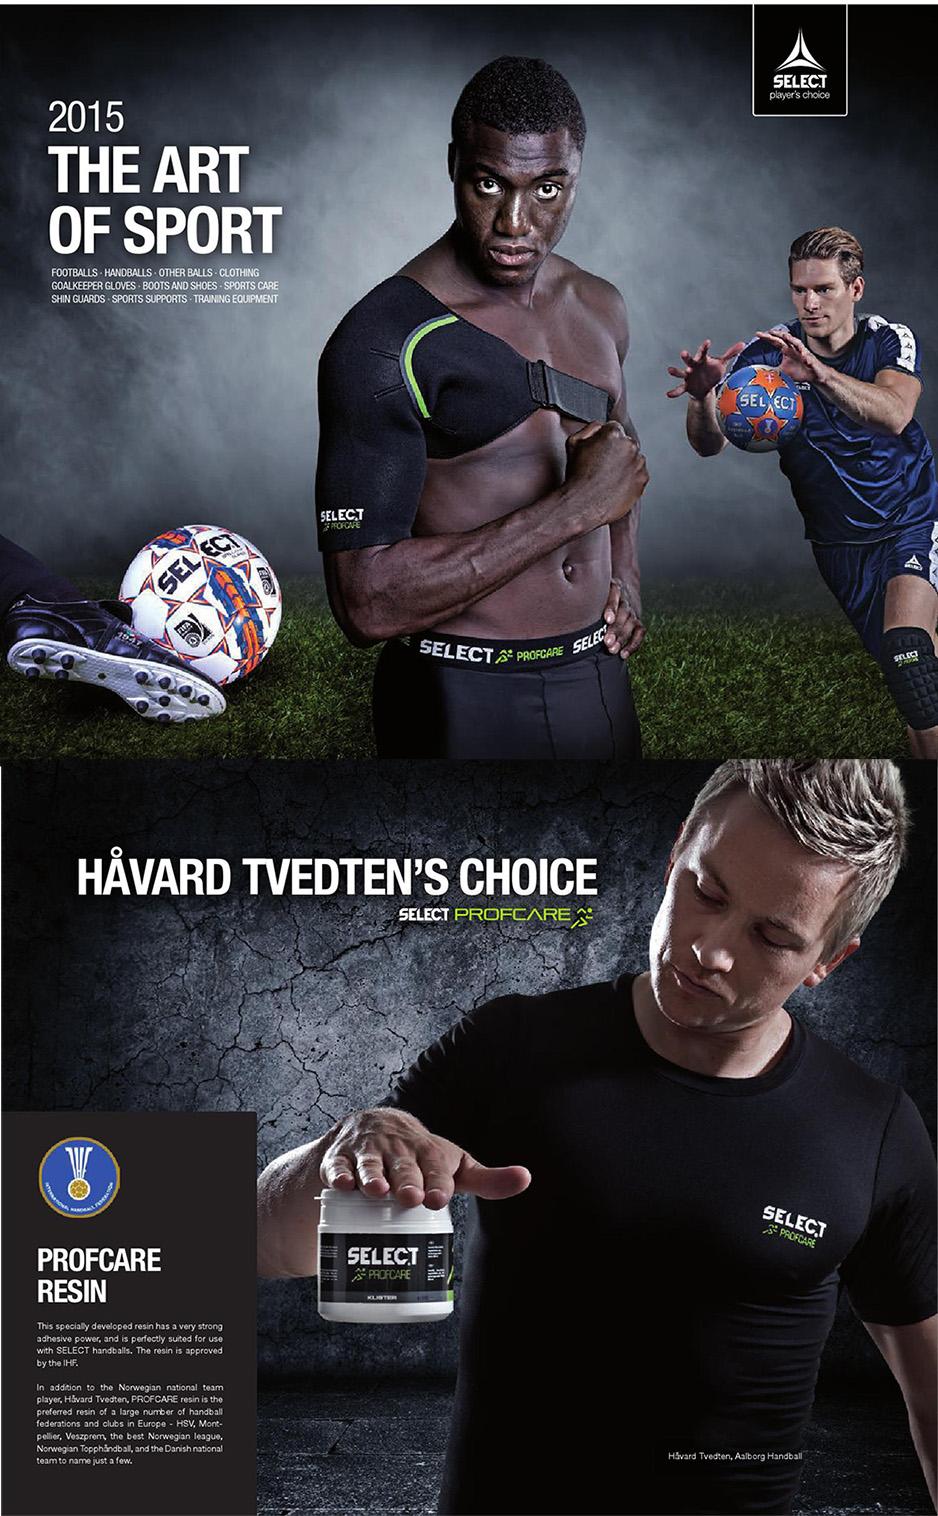 купить термобелье футбольное Select